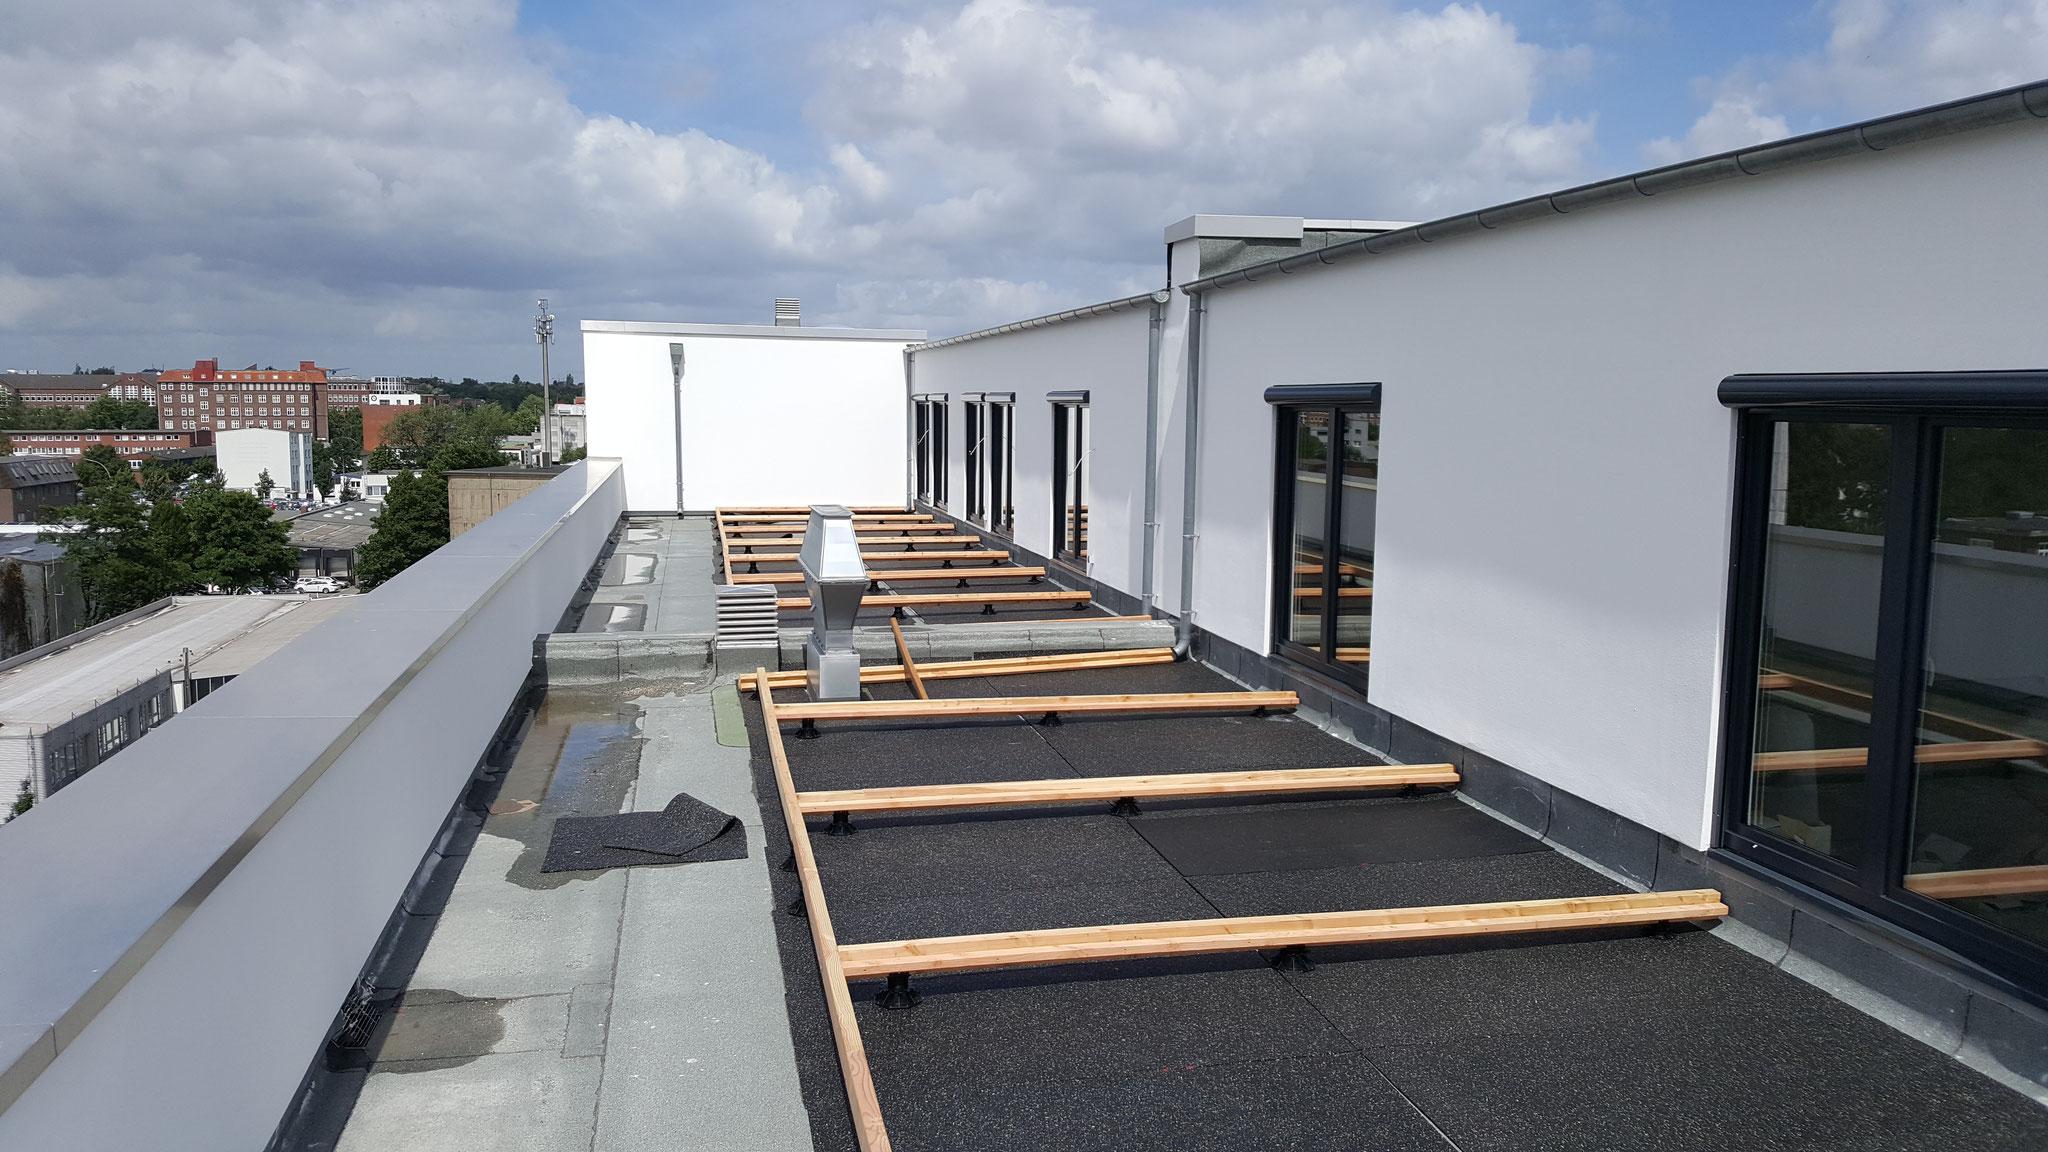 Vorbereiten der Unterkonstruktion für eine Dachterrasse. Die Konstruktion wurde auf verstellbare Terrassenfüße gestellt.